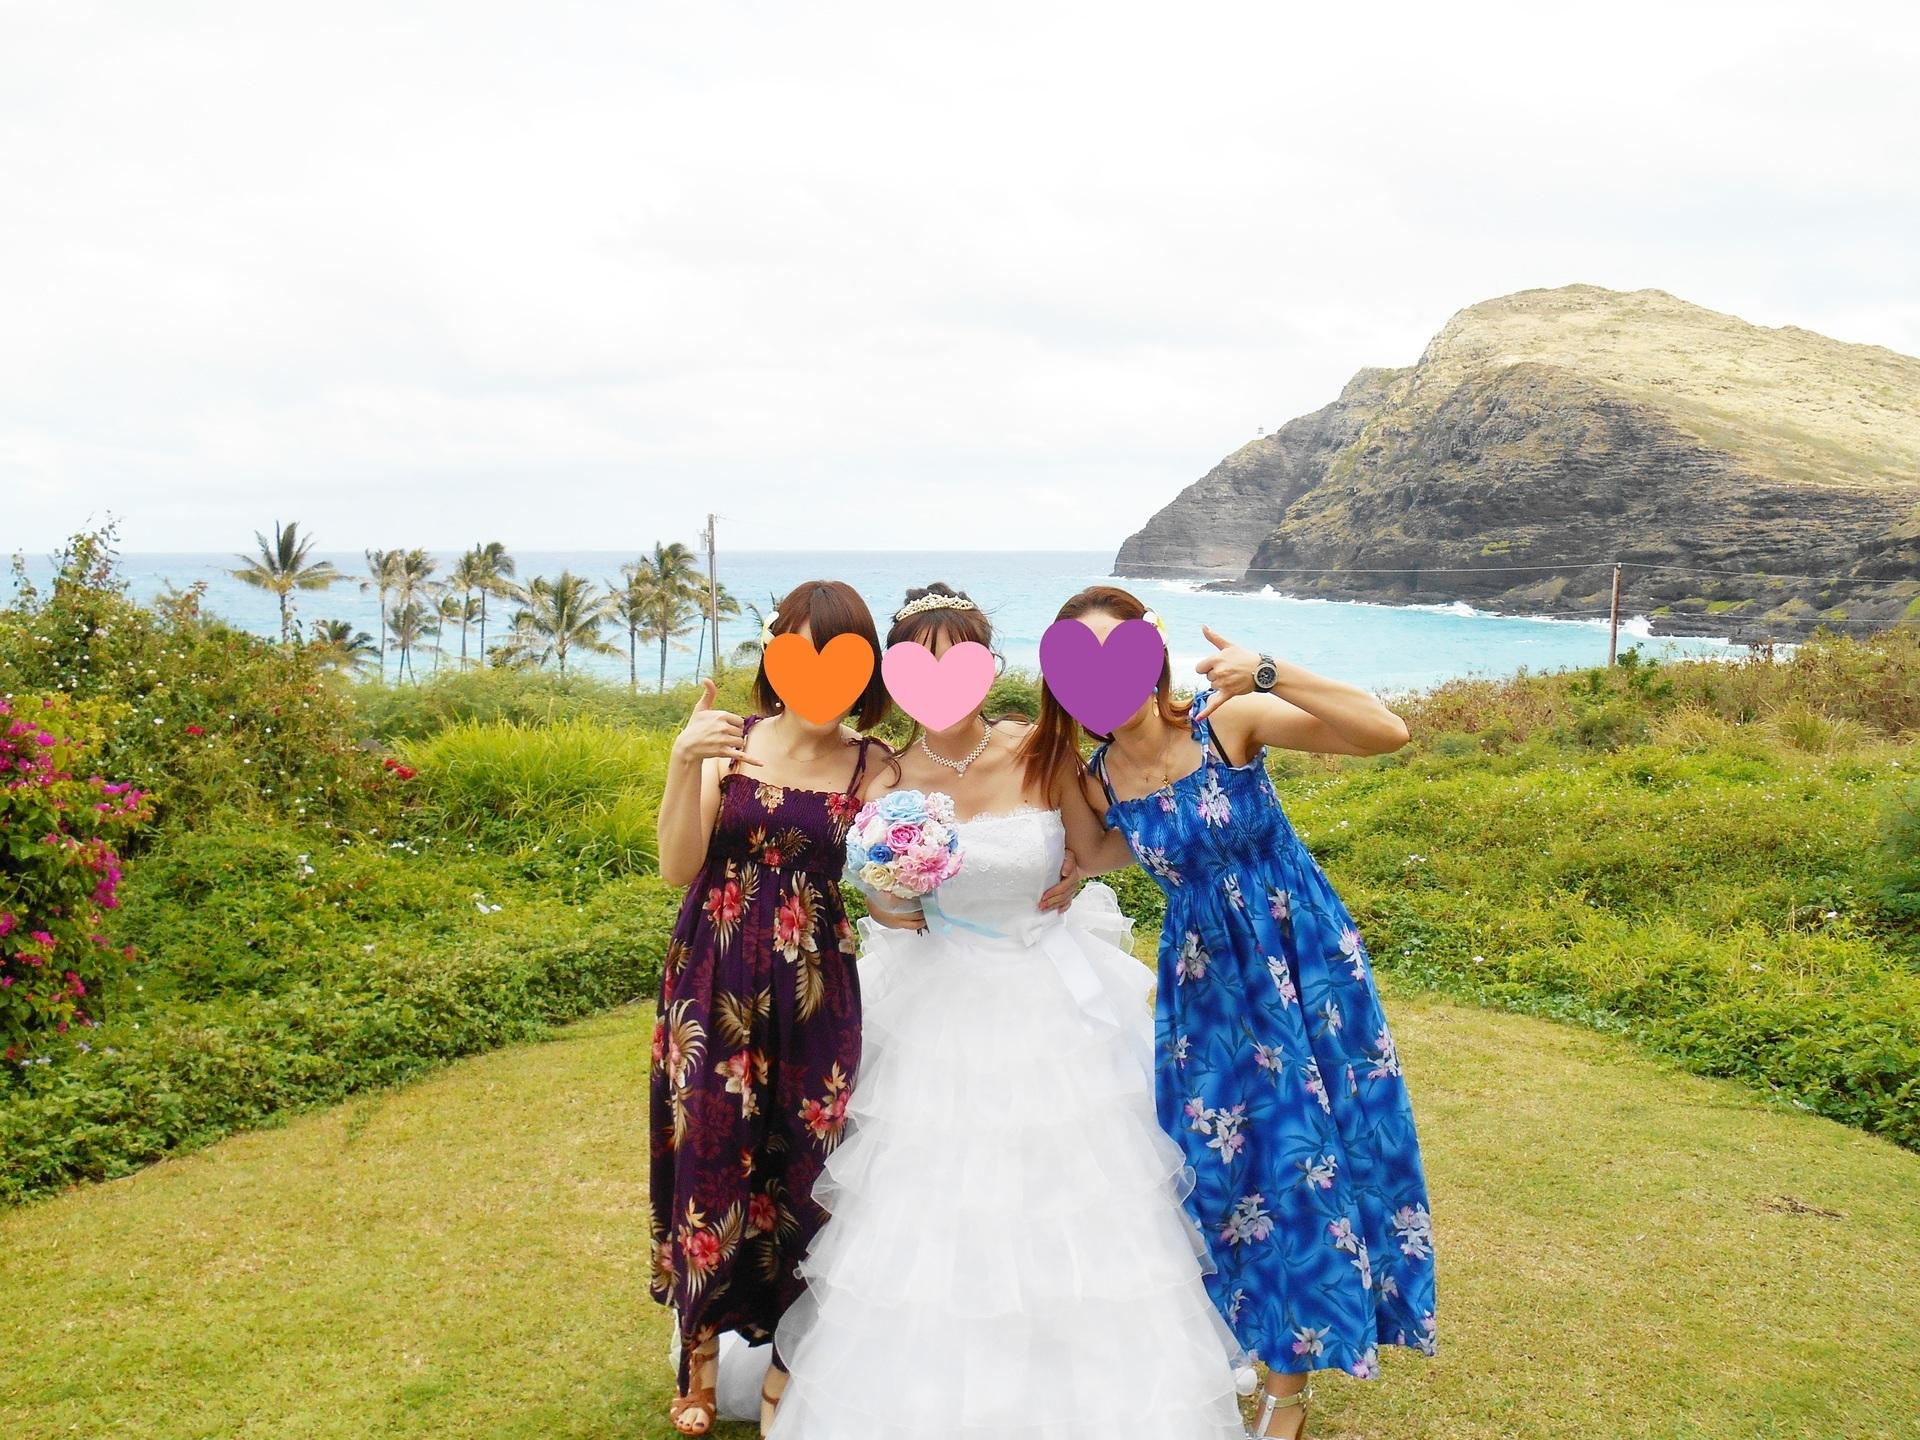 e06e105088b63 ハワイ挙式に参加するゲストのためにしたこと☆  ハワイ挙式&披露宴を ...